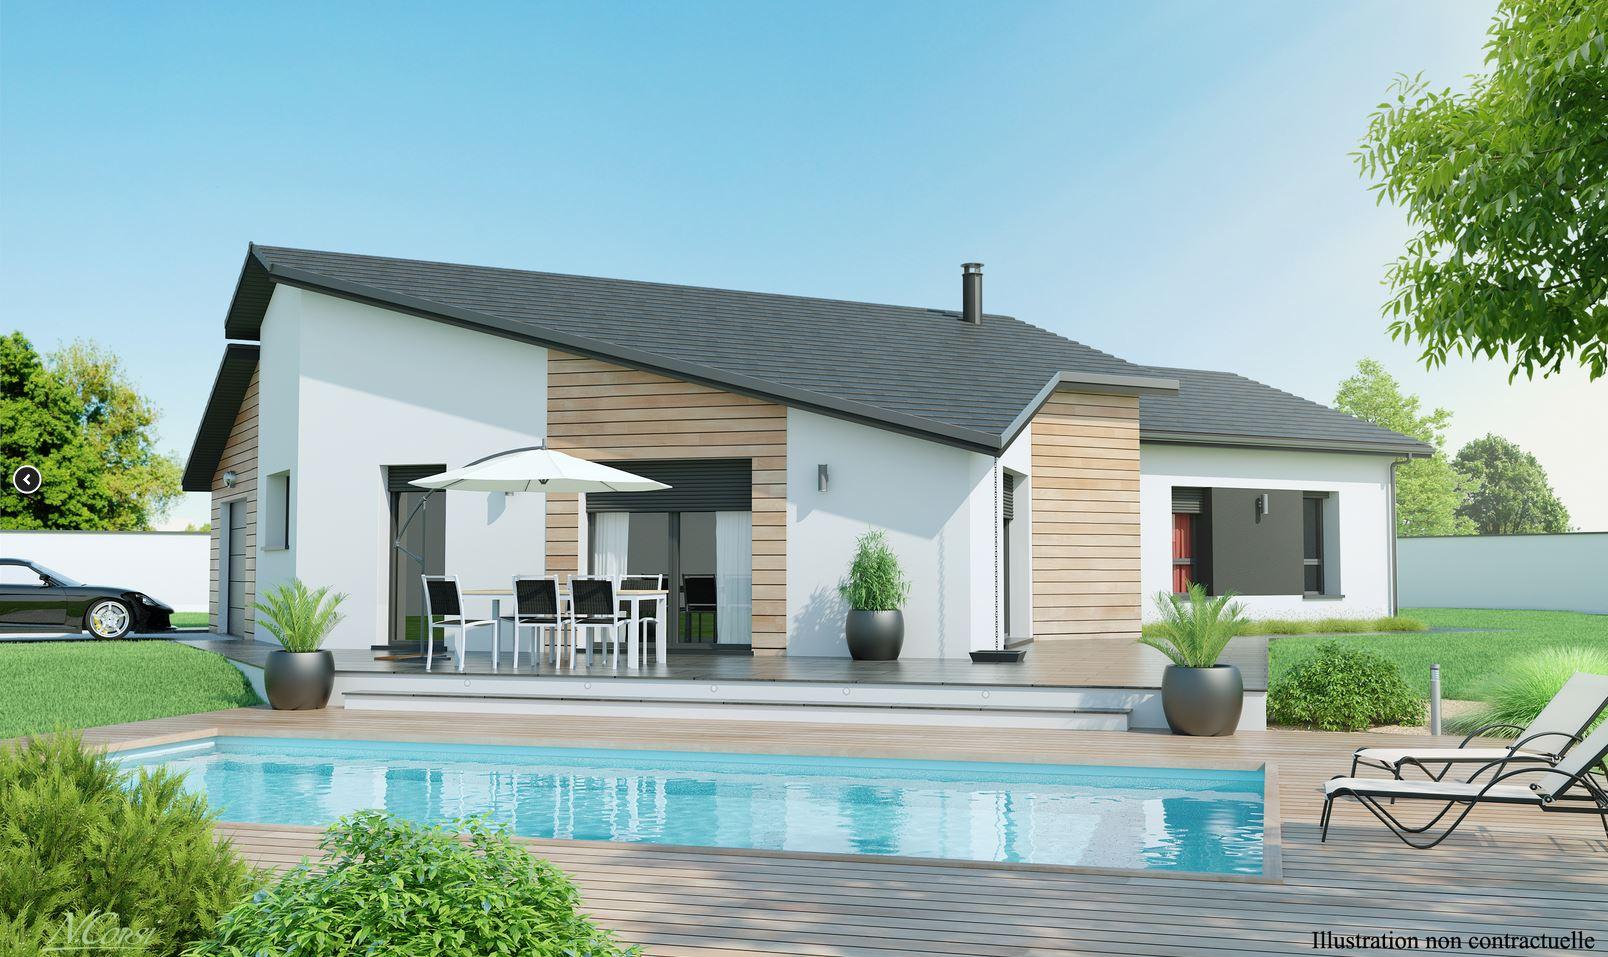 Maisons axial constructeur maisons individuelles lyon for Constructeur maison lyon